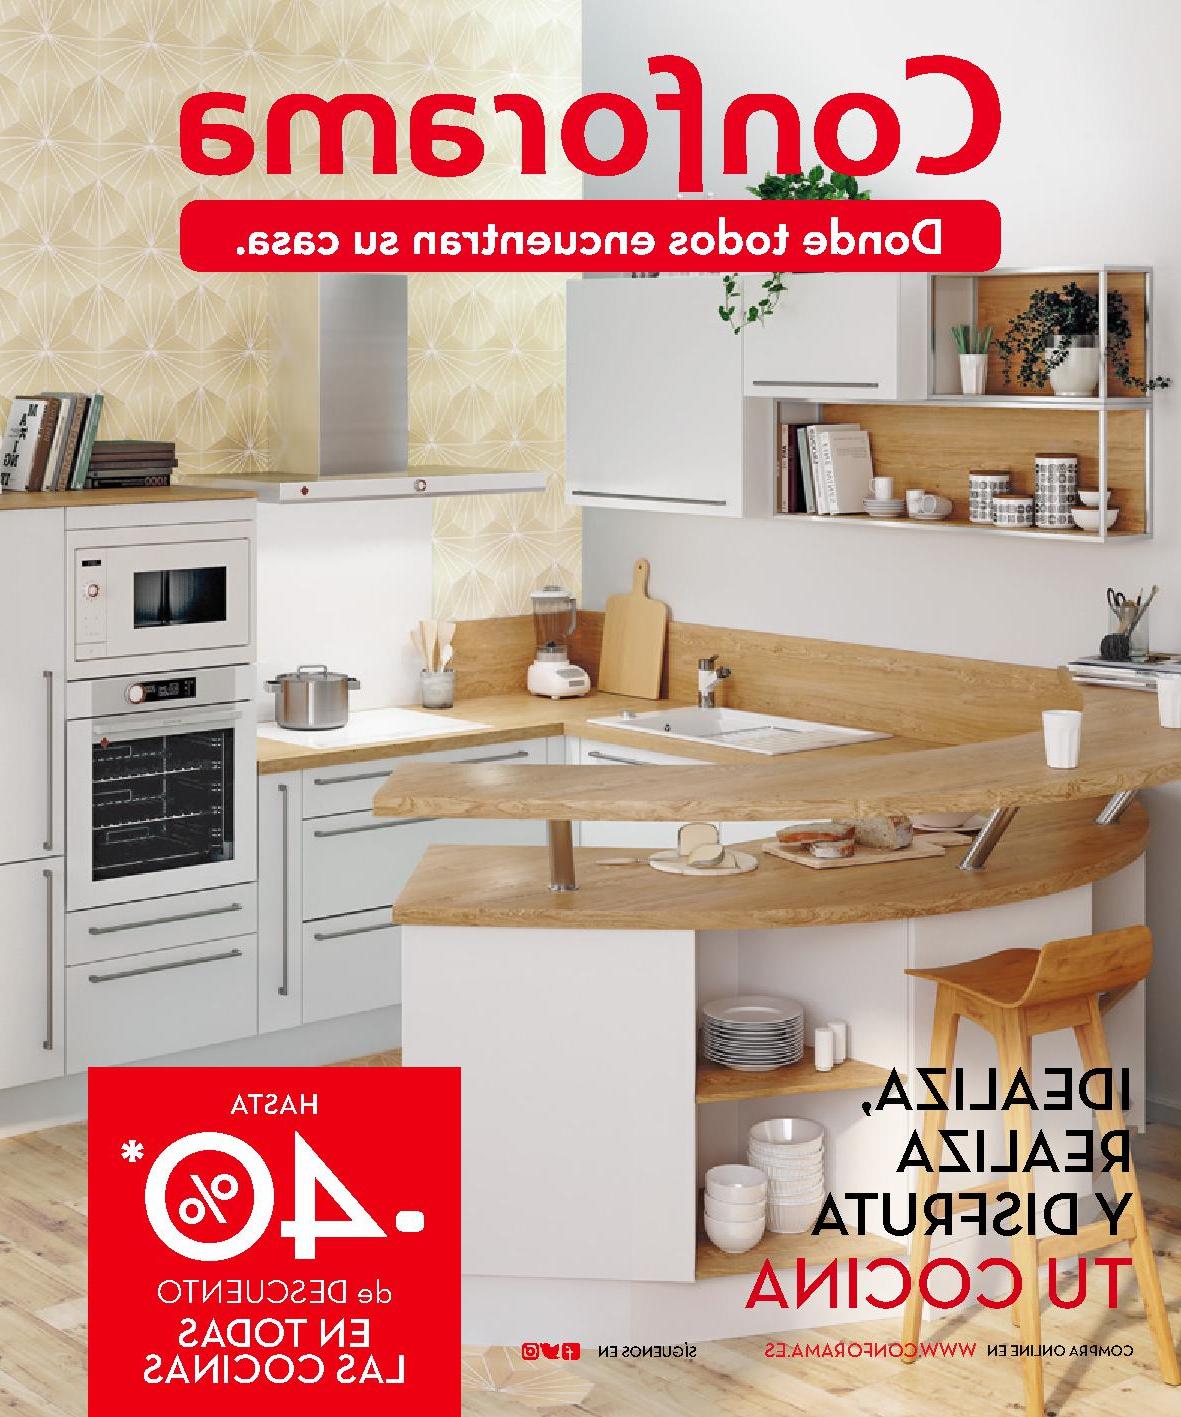 Muebles De Cocina Conforama U3dh Nuevas Cocinas En Catà Logo Conforama 2018 Imuebles